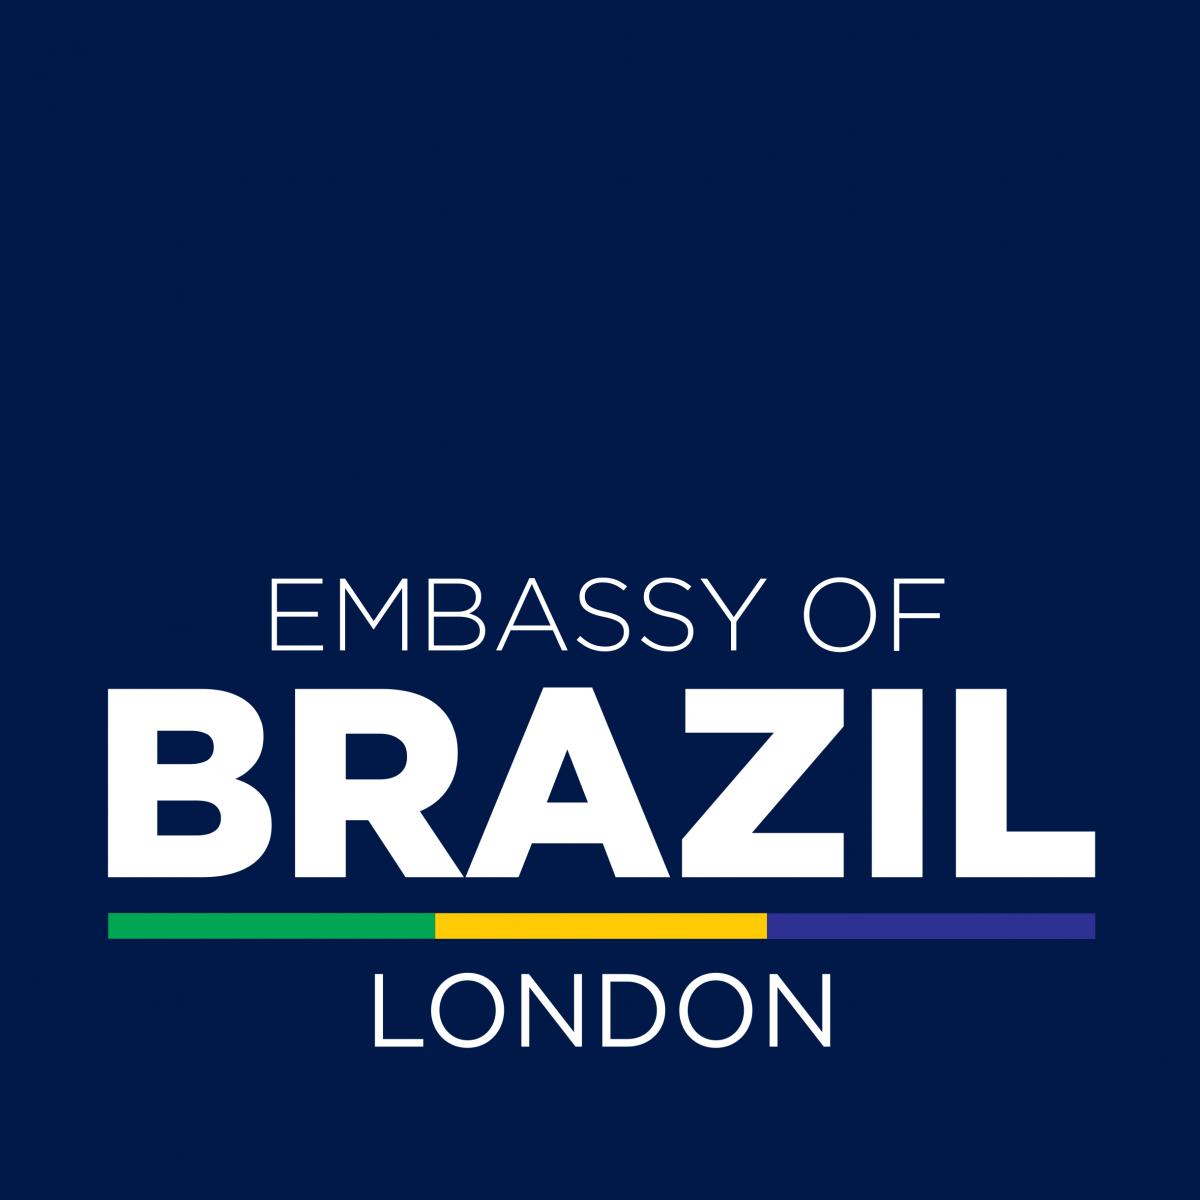 Embassy of Brazil in London